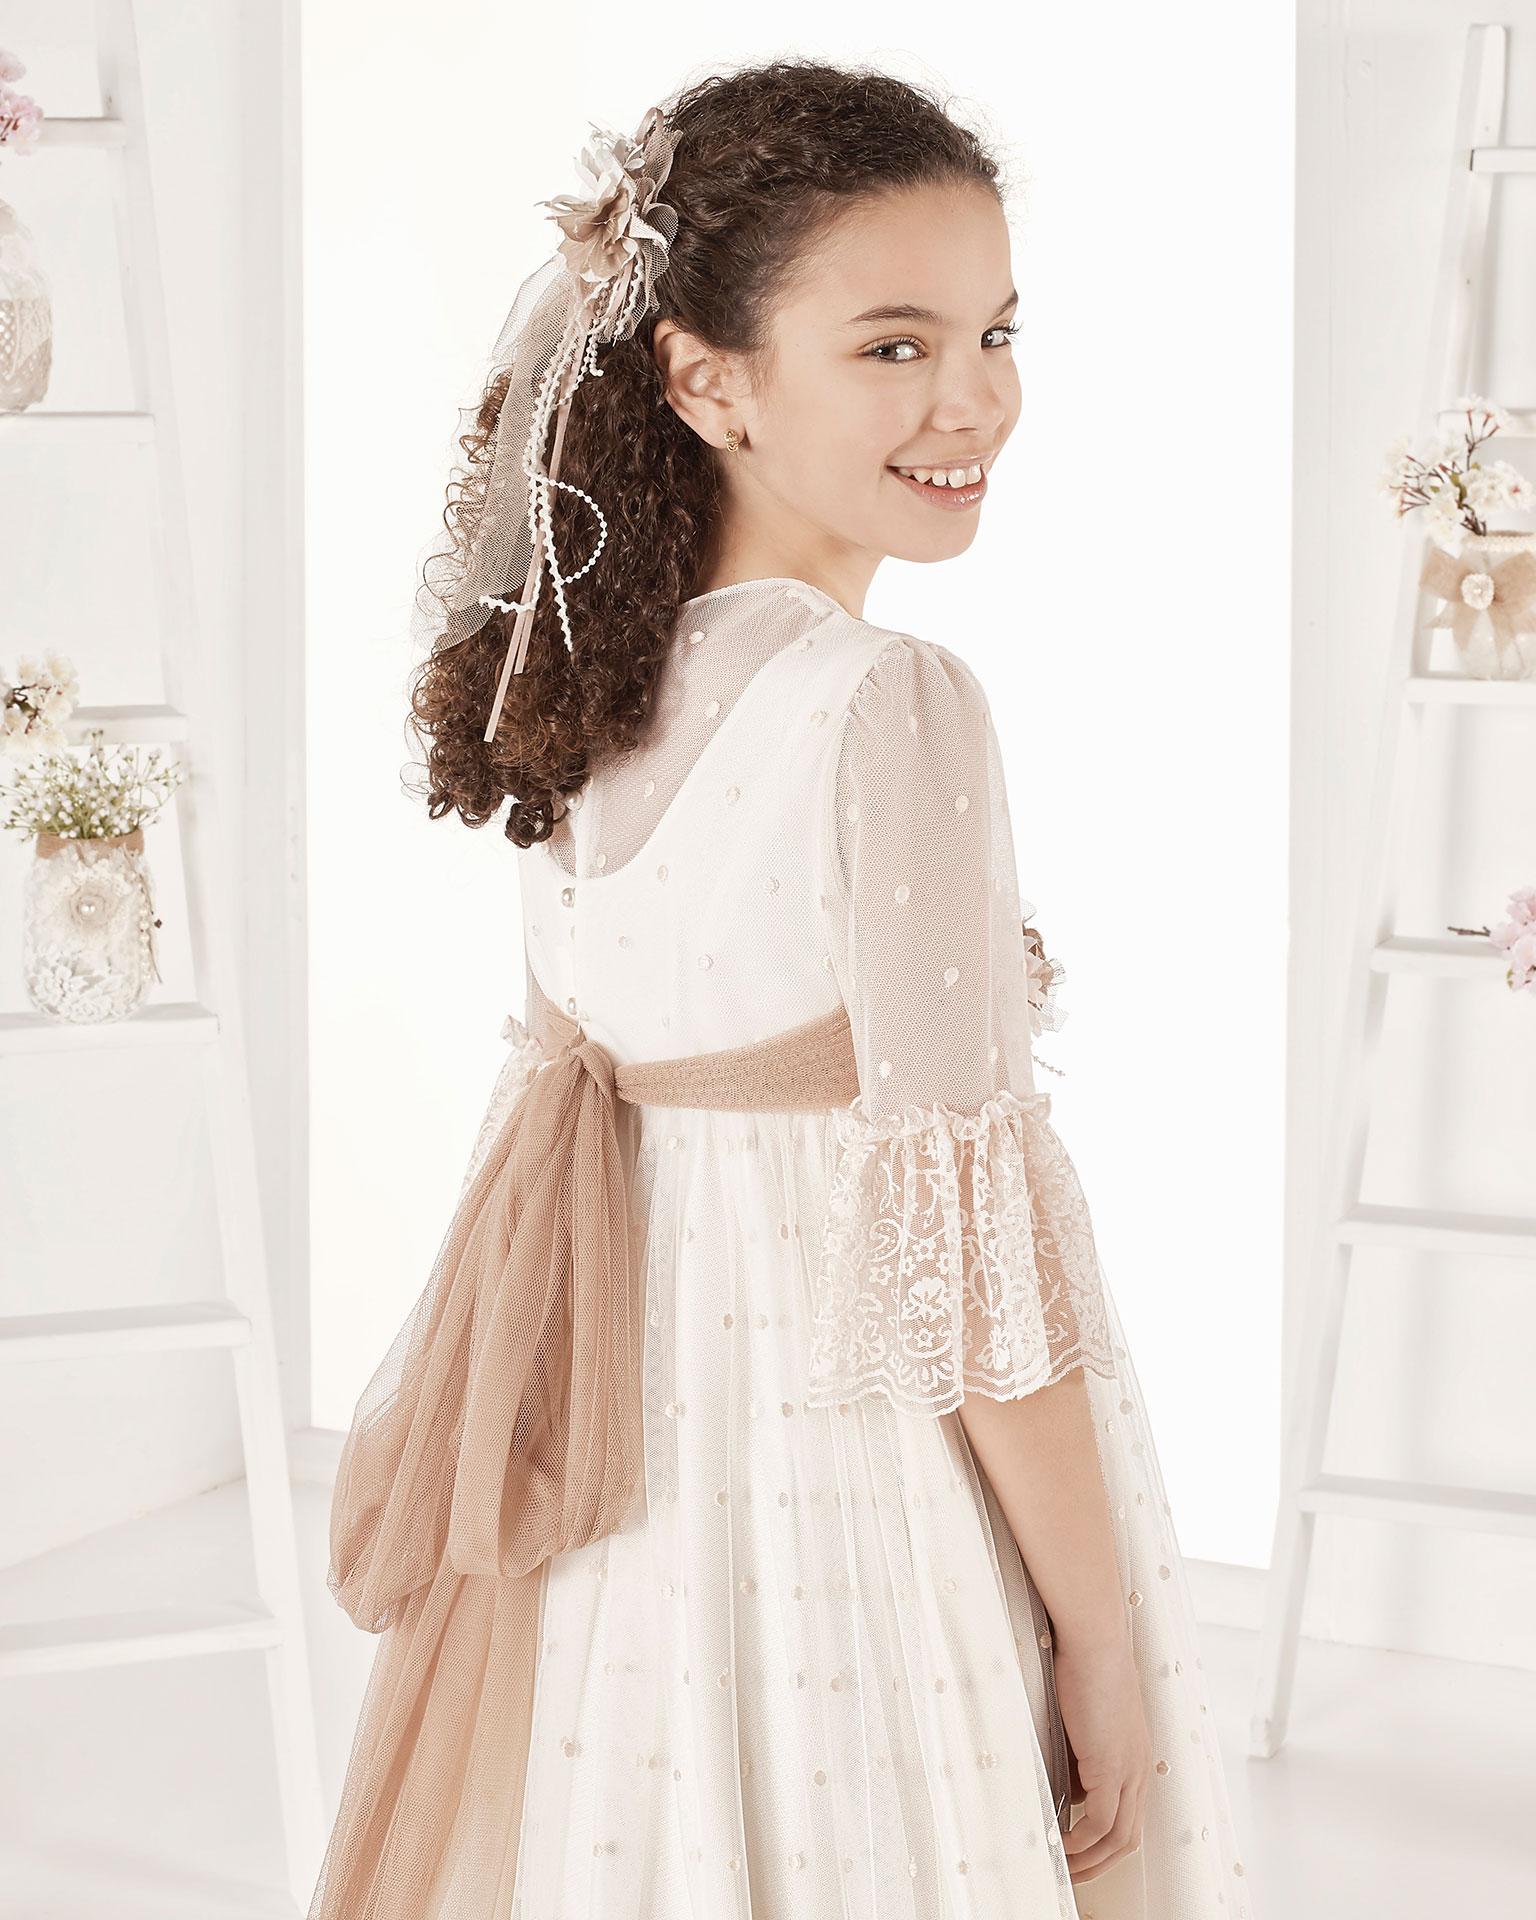 Rochie de comuniune în stil vintage din tul cu buline. Cu talie înaltă. Disponibilă în culoarea ivoriu. Colecția AIRE COMUNION 2019.